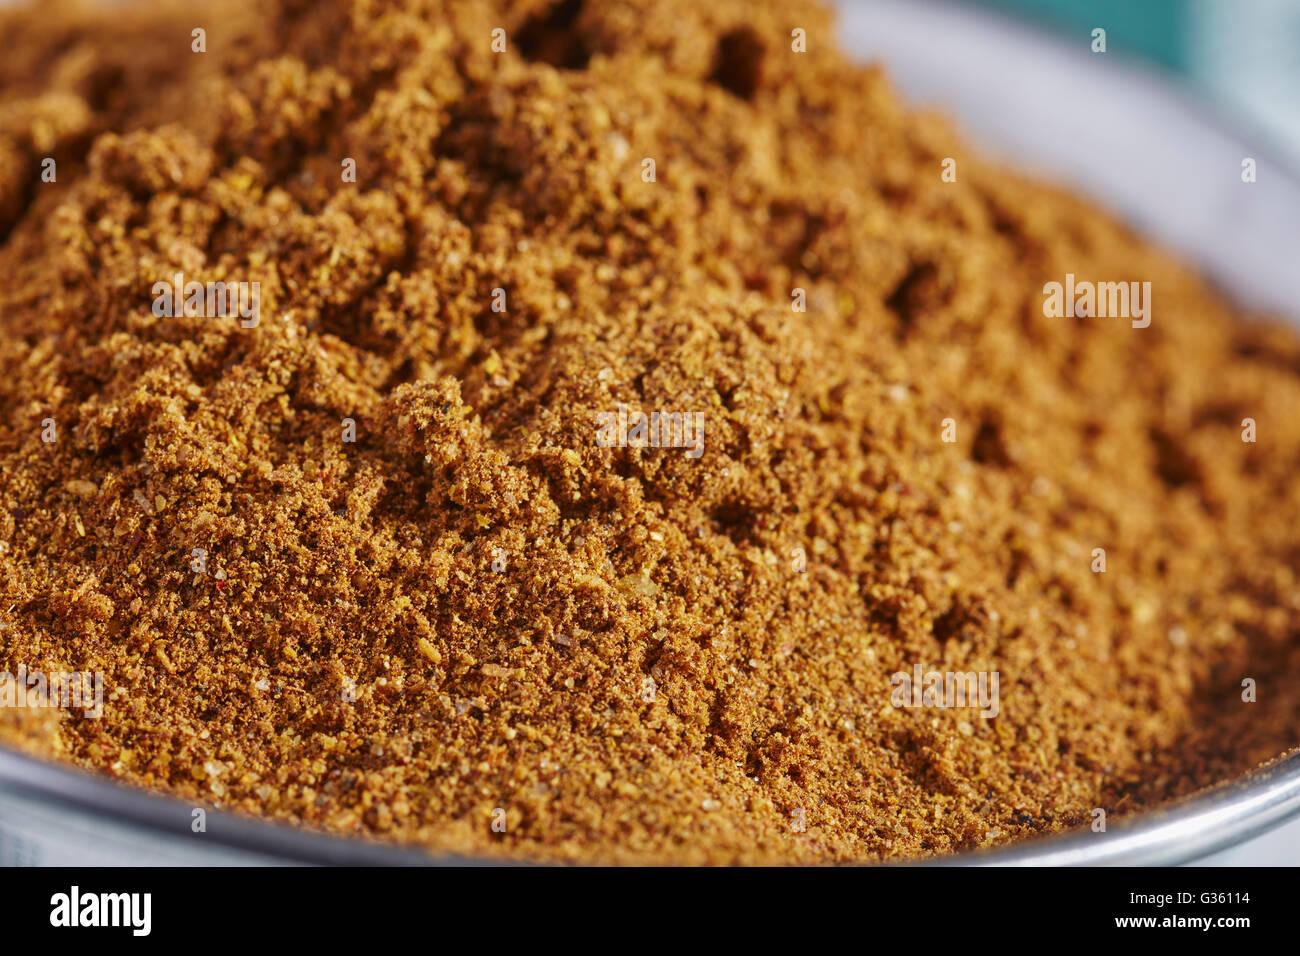 Cinque spezie in polvere, un classico cinese il condimento Immagini Stock